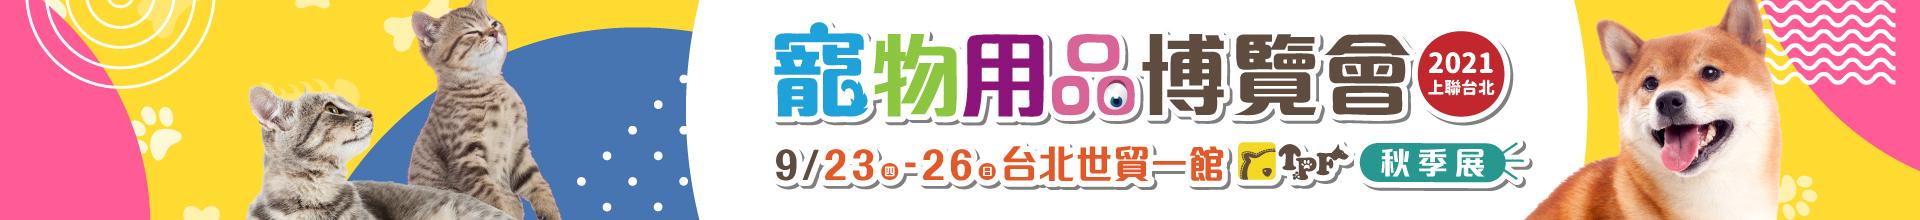 2021上聯台北寵物用品博覽會(秋季展)